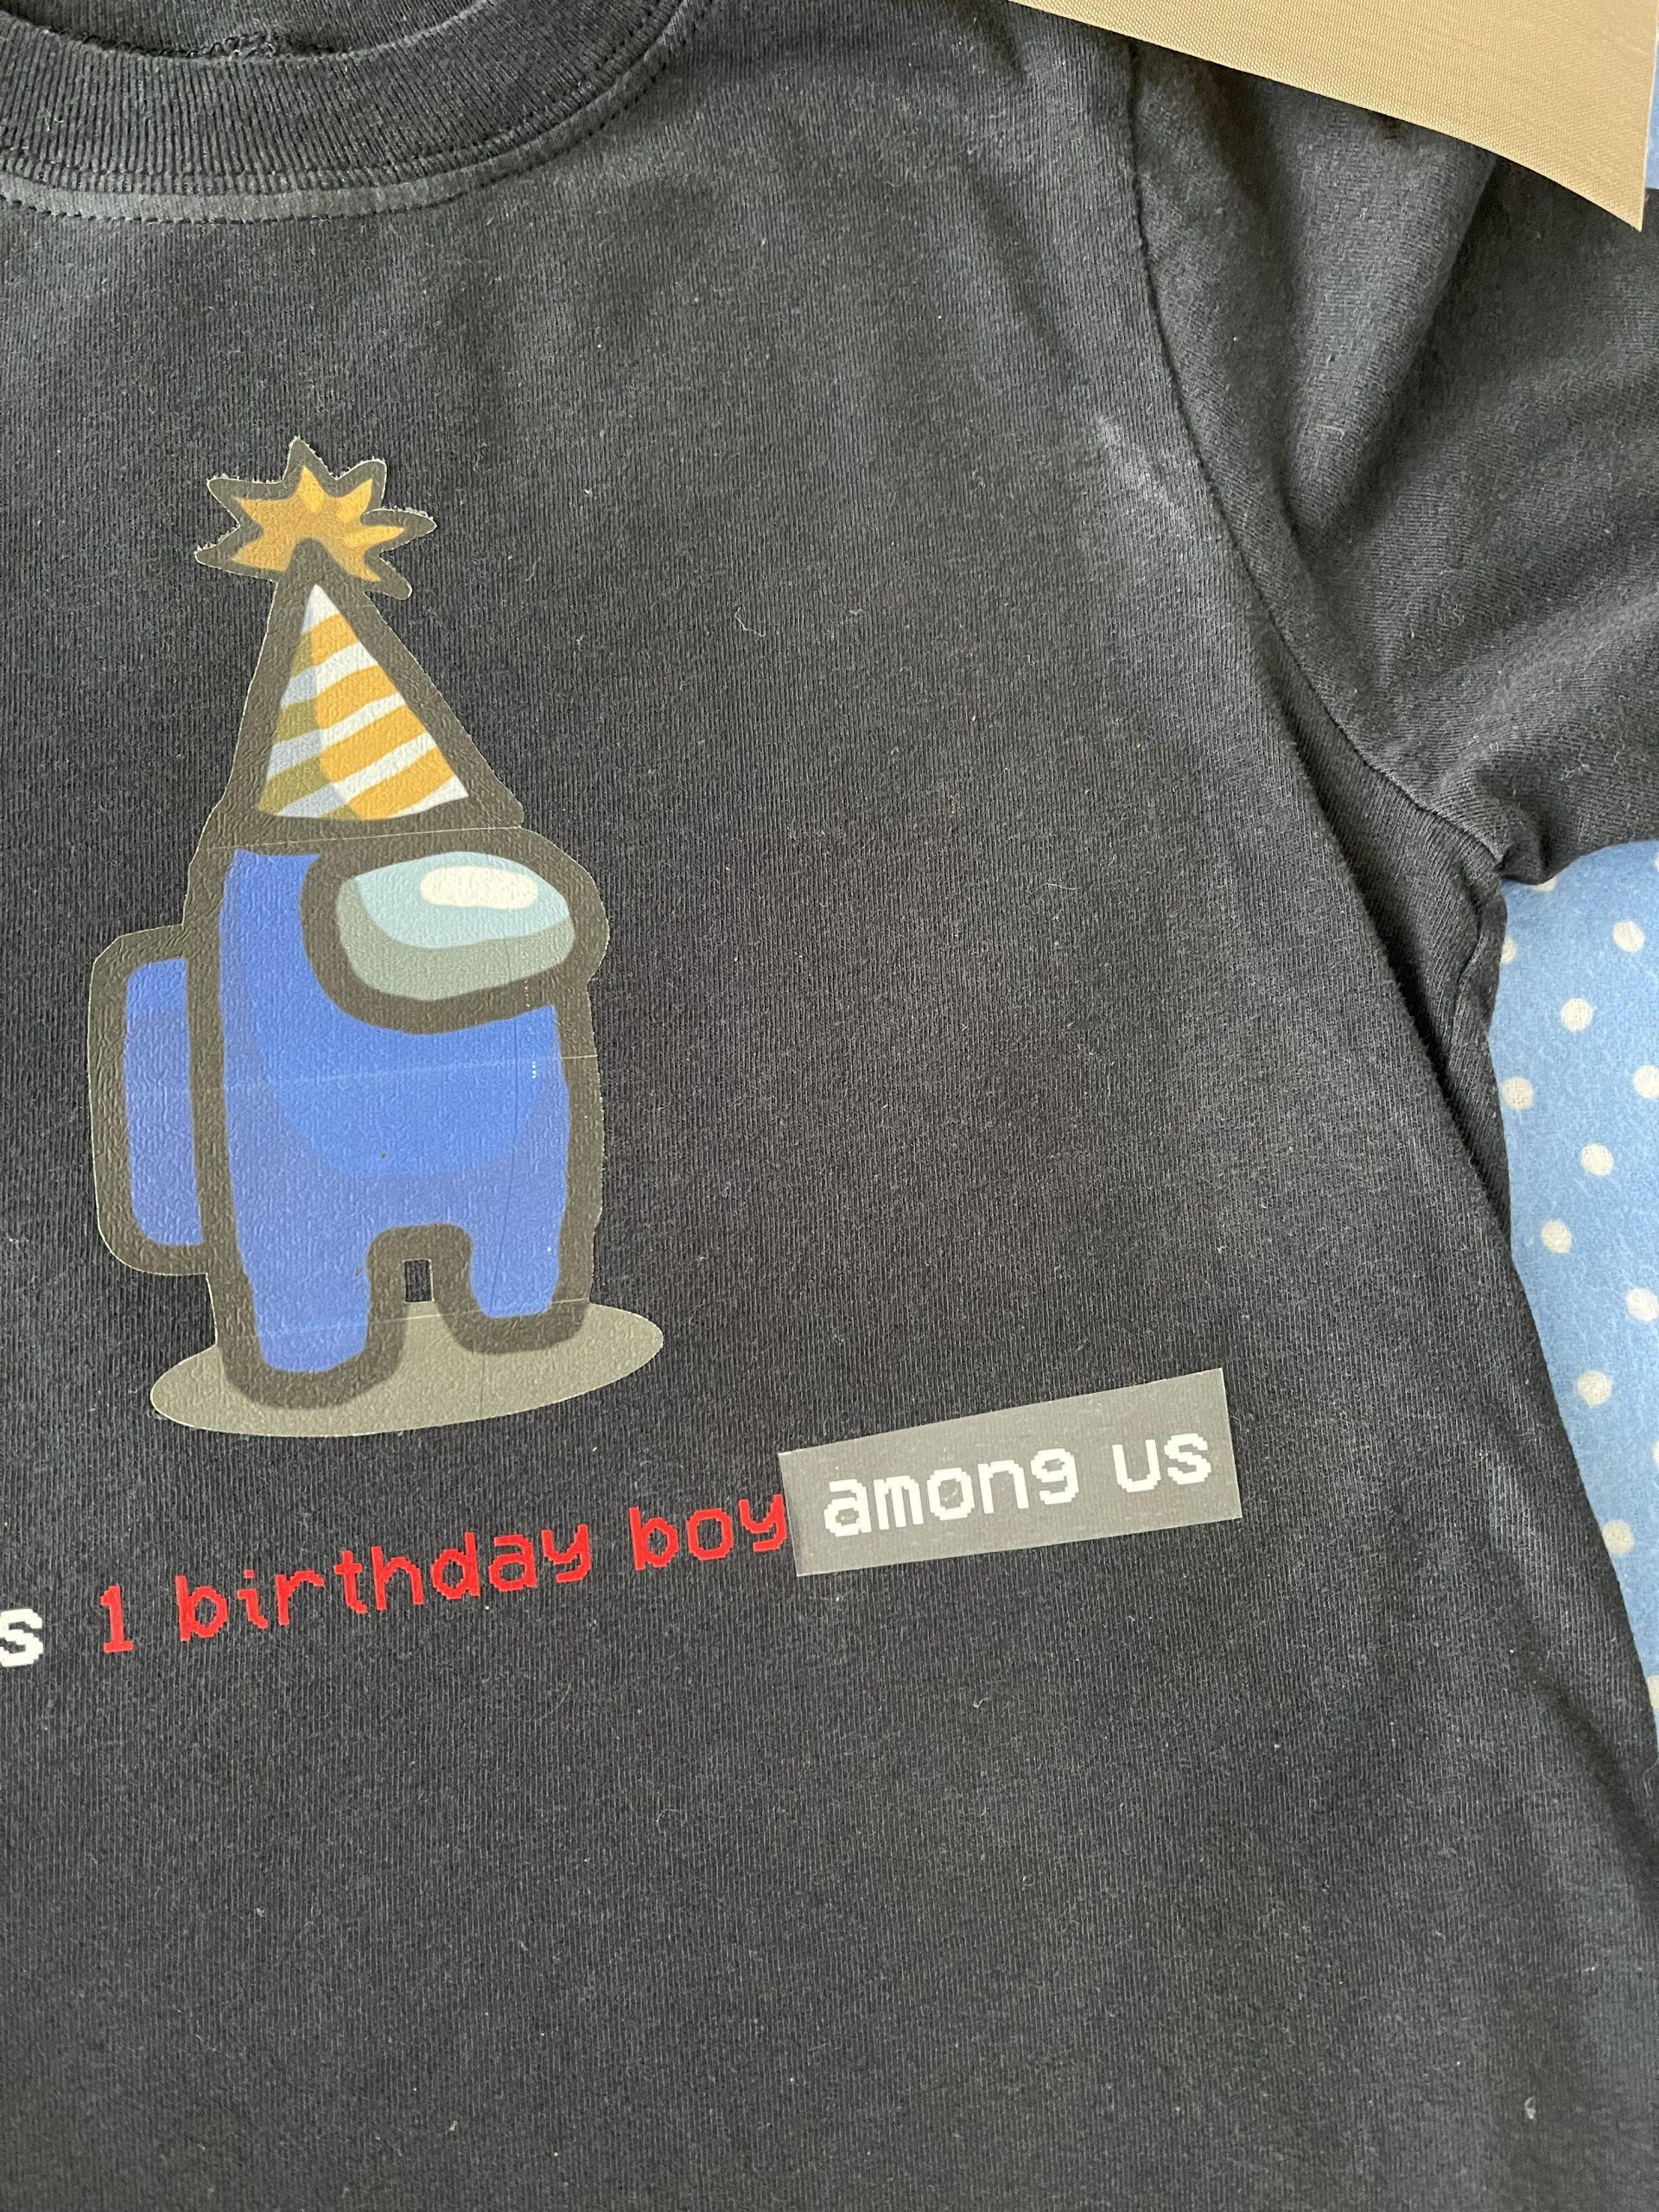 DIY Among Us Shirt - How to Make Among Us Merch - Make your own Among Us shirt with these simple DIY instructions! #amongus #amongusmerch #cricut